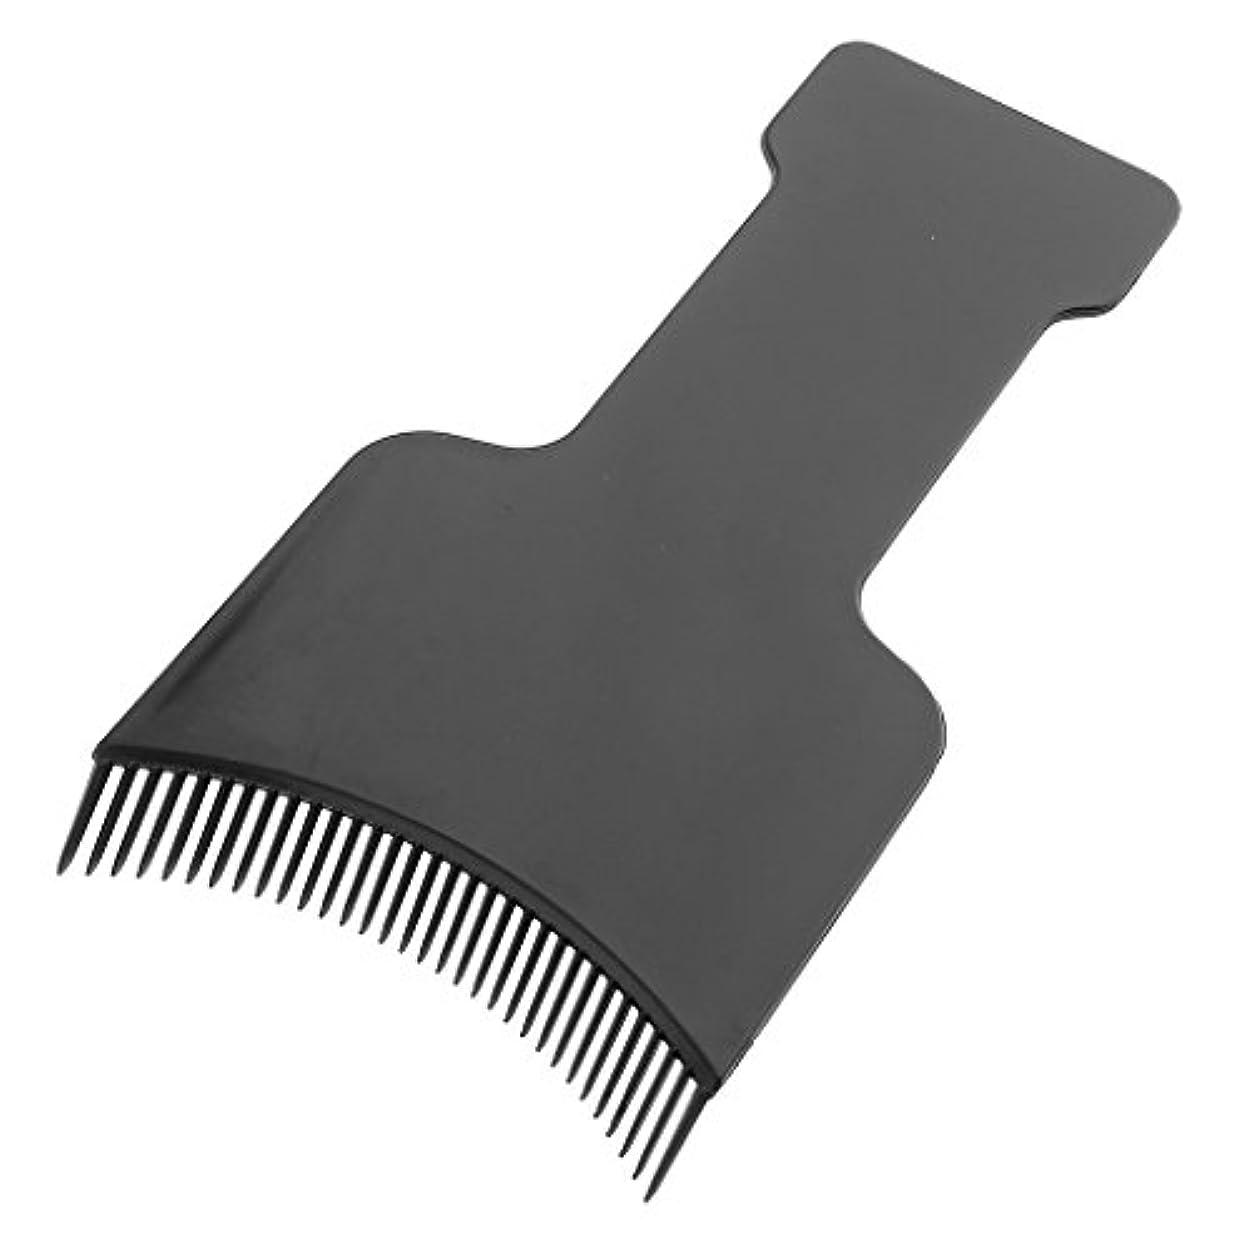 ダーツスムーズにピクニックをするヘアカラーボード サロン ヘアカラー 美容 ヘア ツール 髪 保護 ブラック 全4サイズ - S